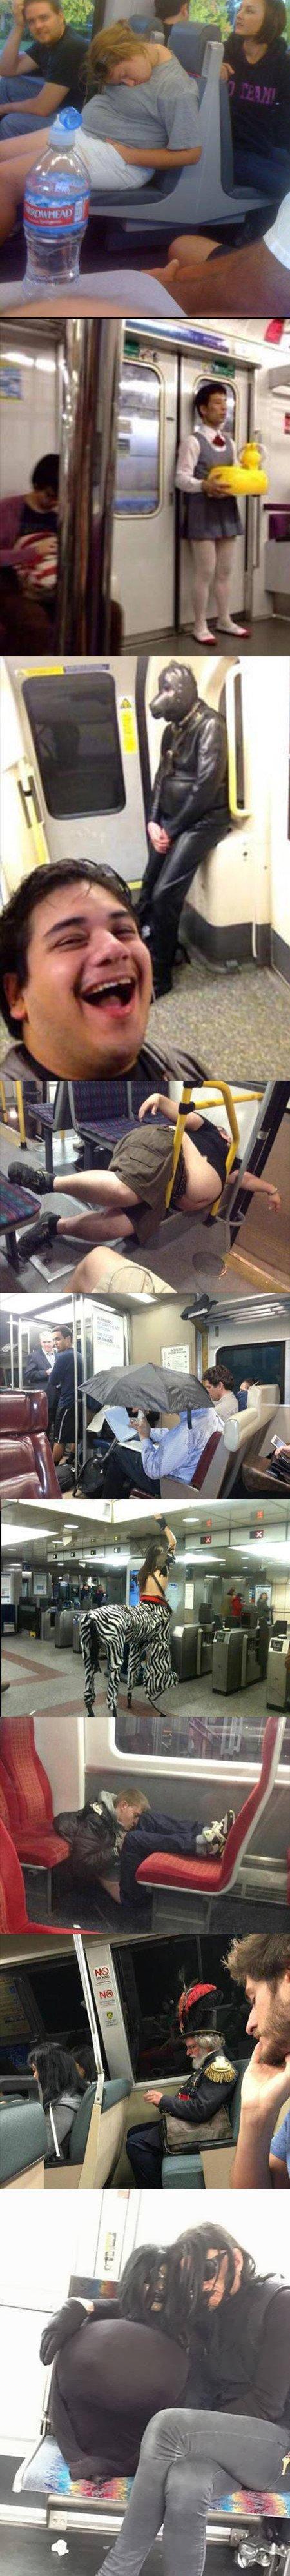 Meme_otros - Situaciones embarazosas que te encuentras en el metro cuando menos esperas